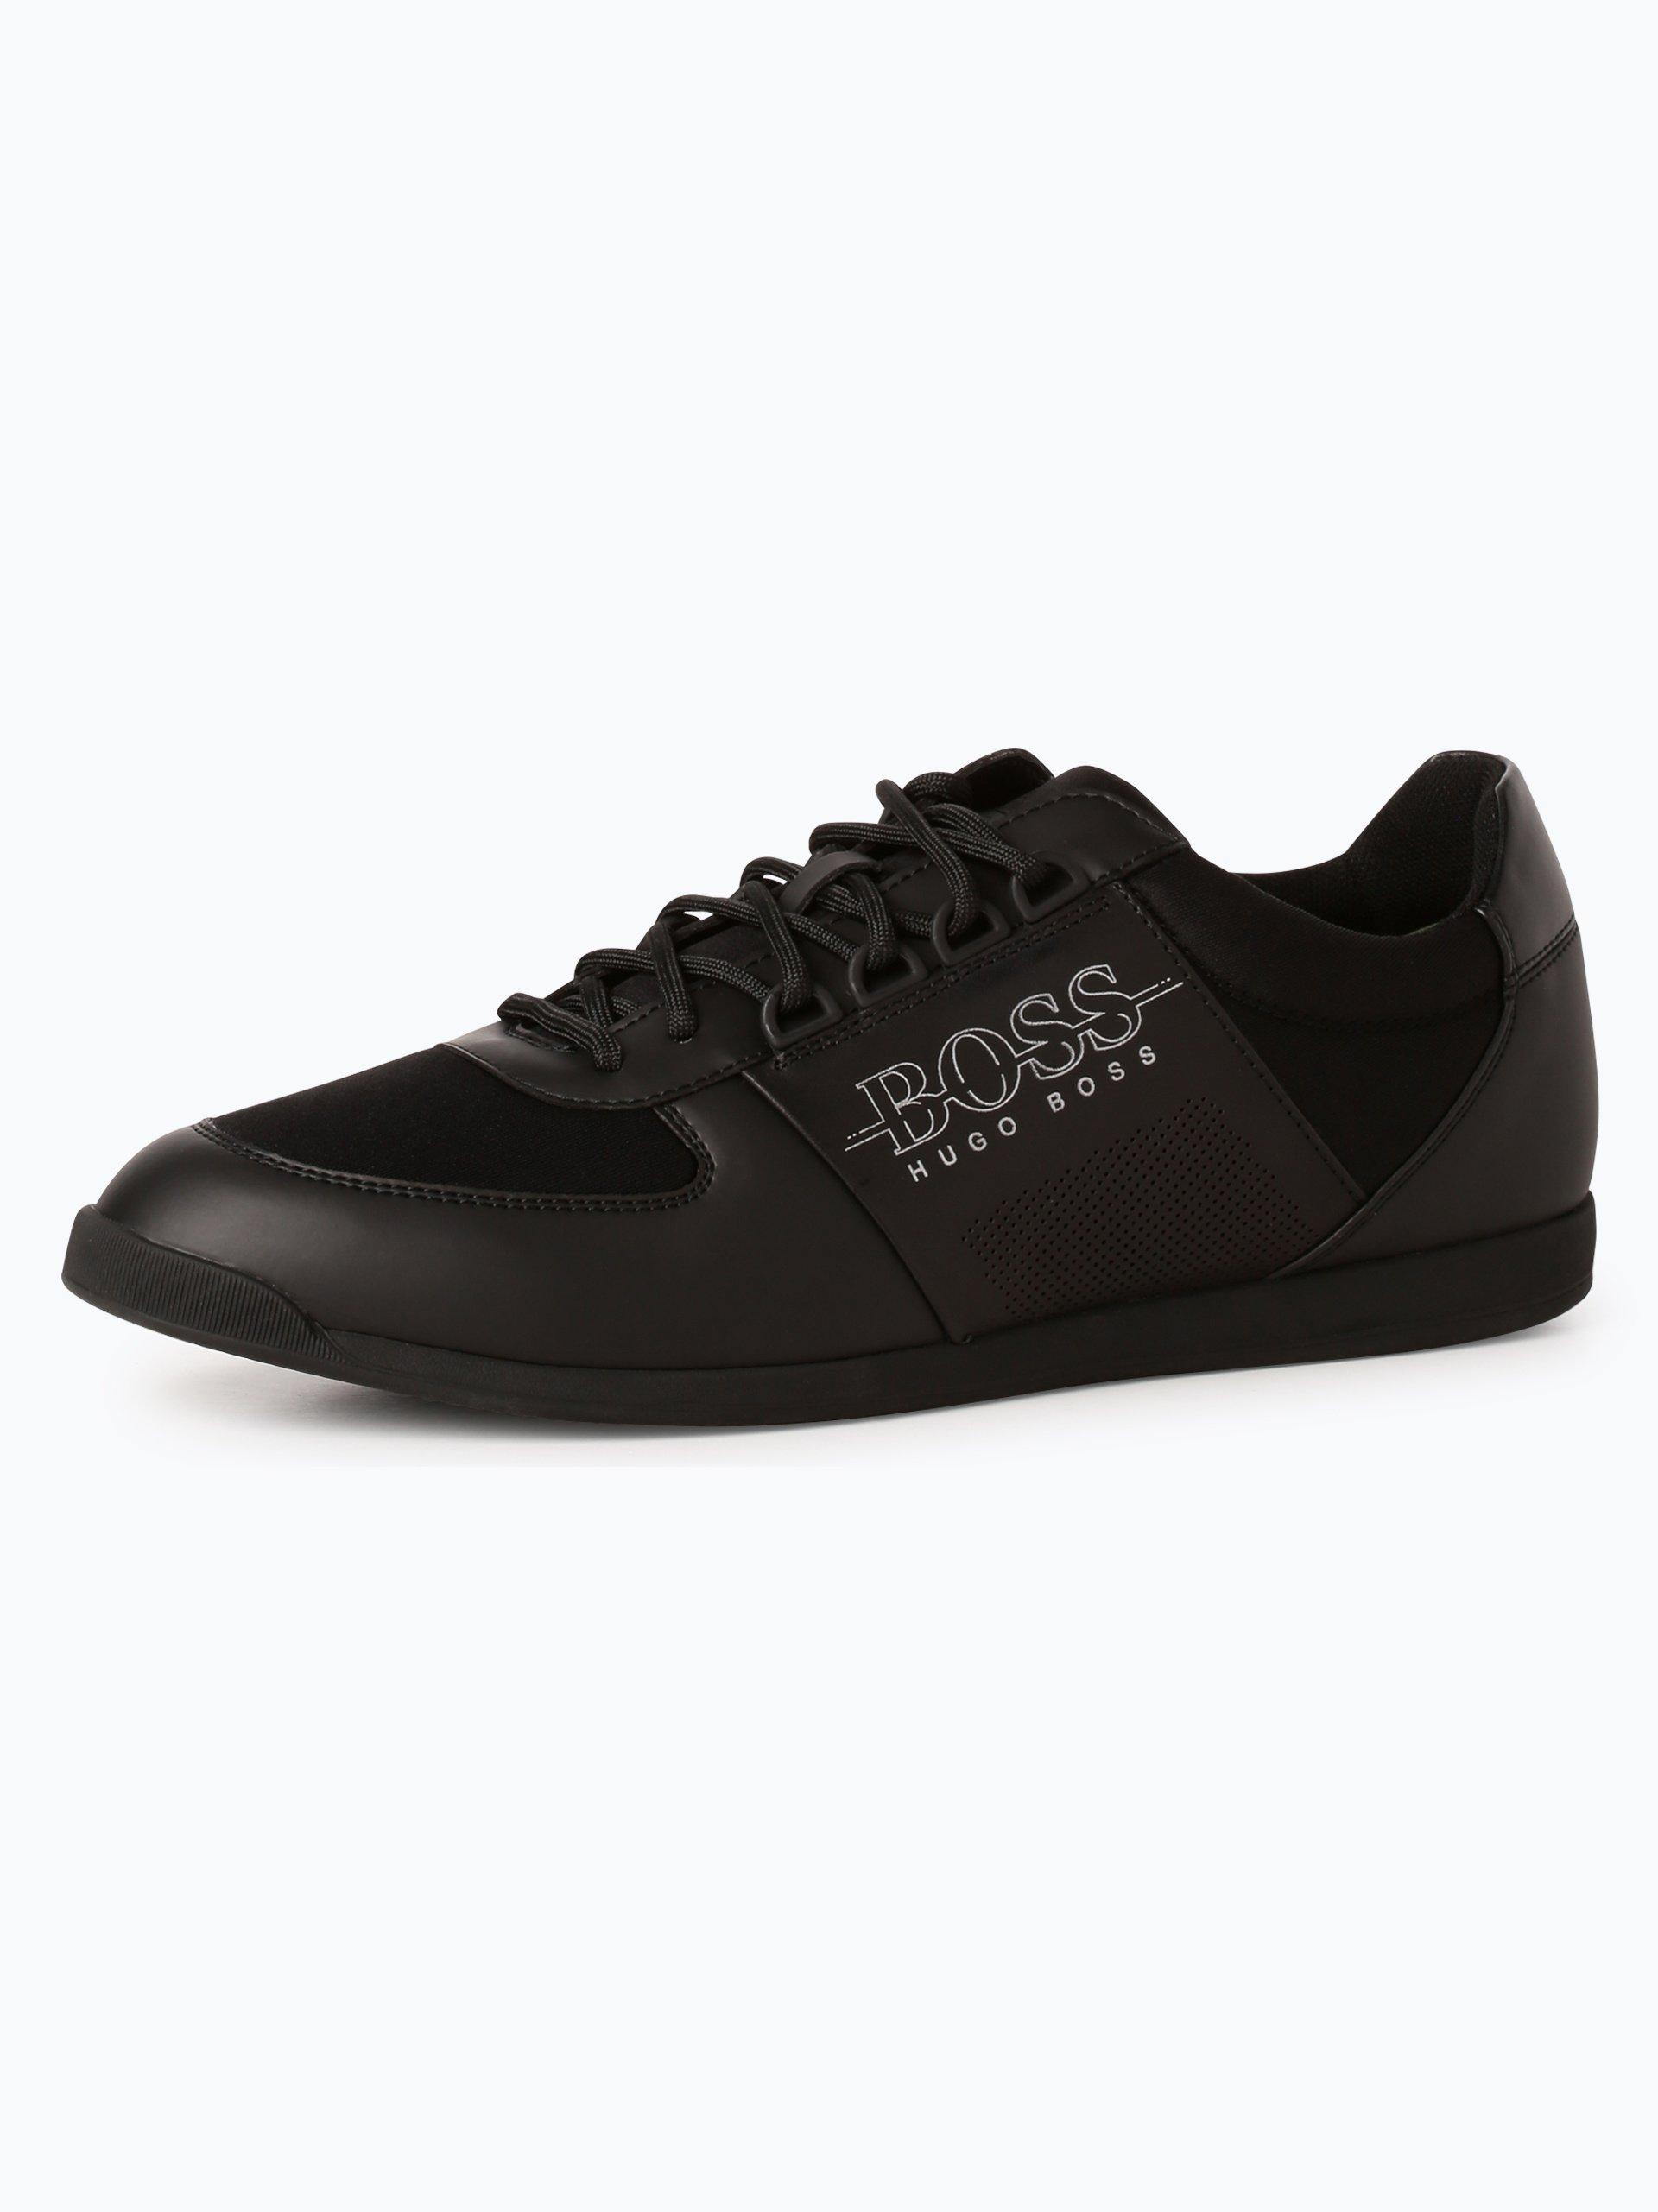 BOSS Athleisure Herren Sneaker mit Leder-Anteil - Maze_Lowp_Neo2